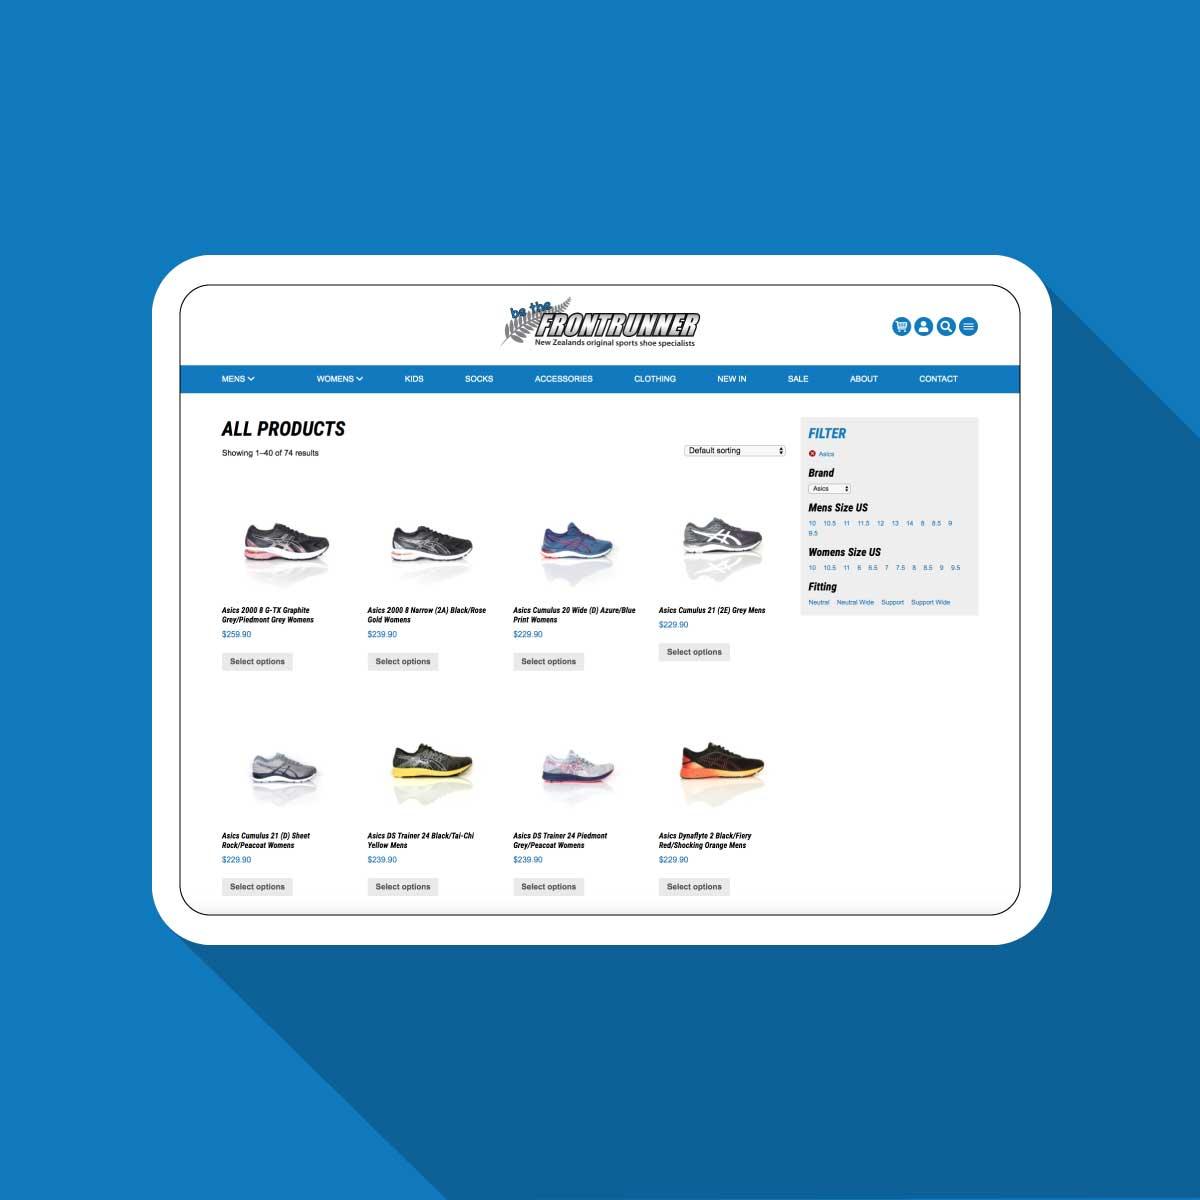 Frontrunner Shop Website